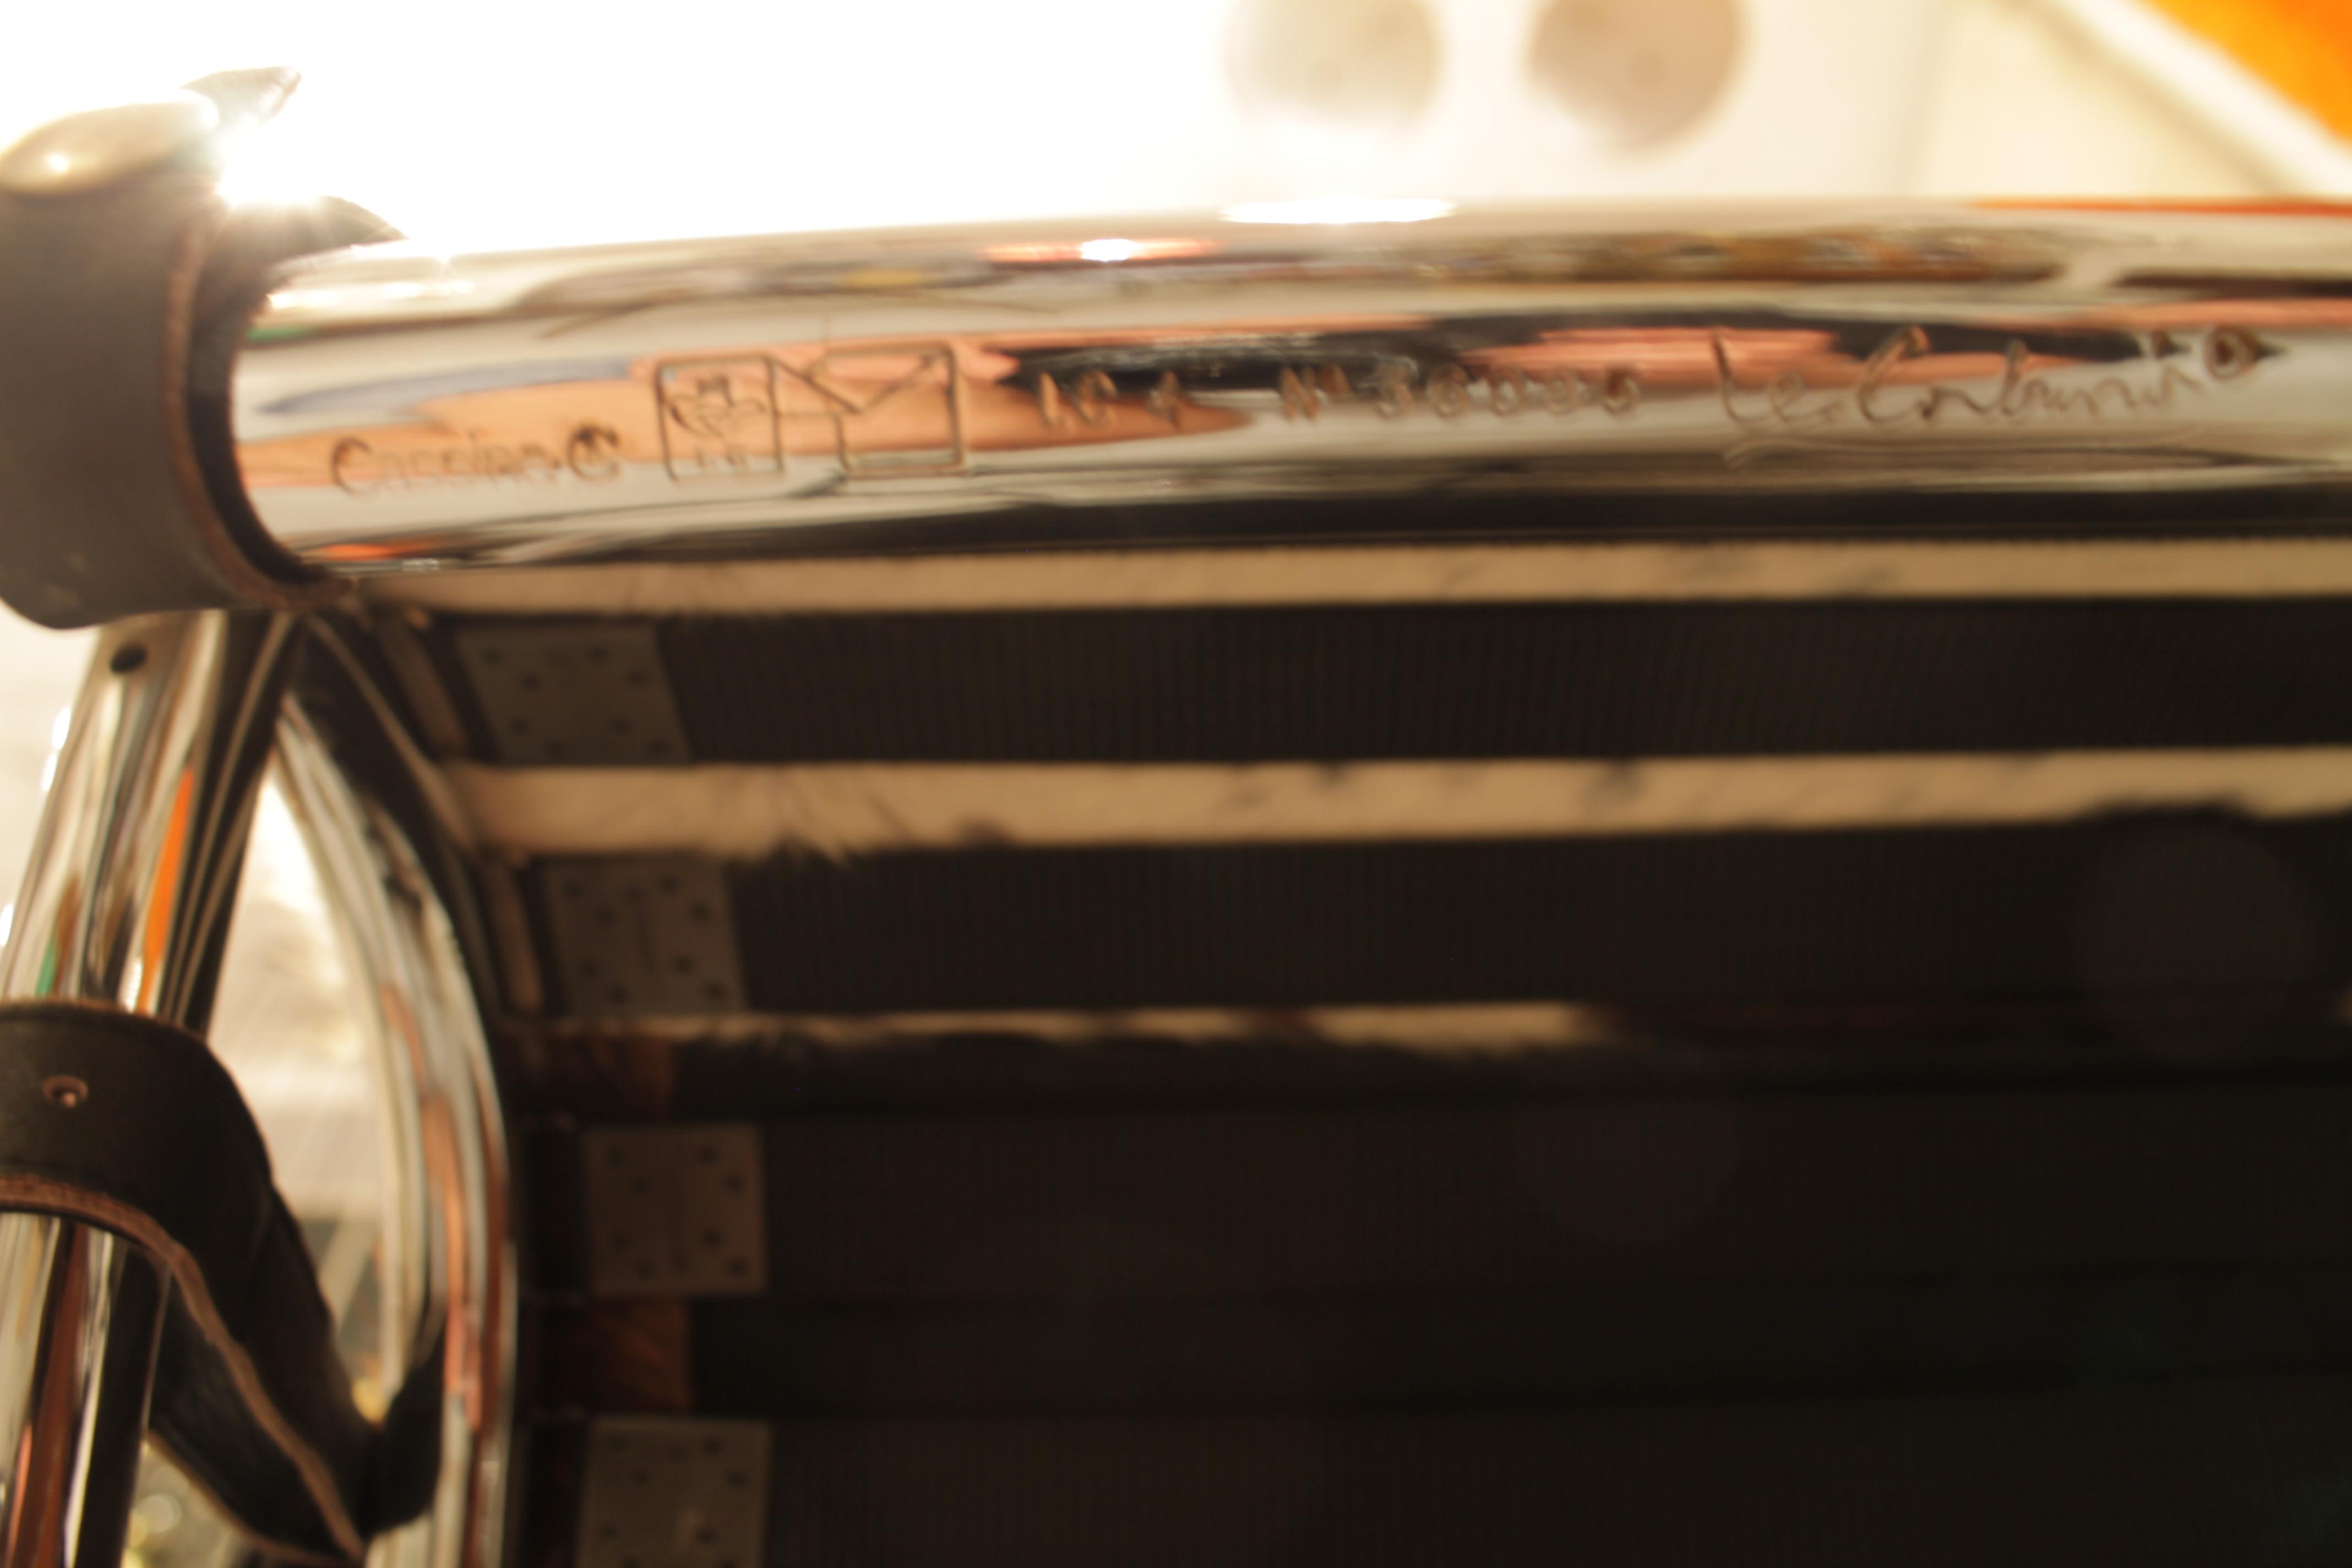 chaise longue le corbusier vache with Le Corbusier Lc4 on 3137 Poudreuse Style Louis Xv En Bois De Rose likewise 4326 Corbeille A Papier En Cuir Brun likewise 14255 Chevalet Porte Tableau Corinto En besides Le Corbusier Lc4 besides 11255 Jarre En Porcelaine De Meiping Avec.